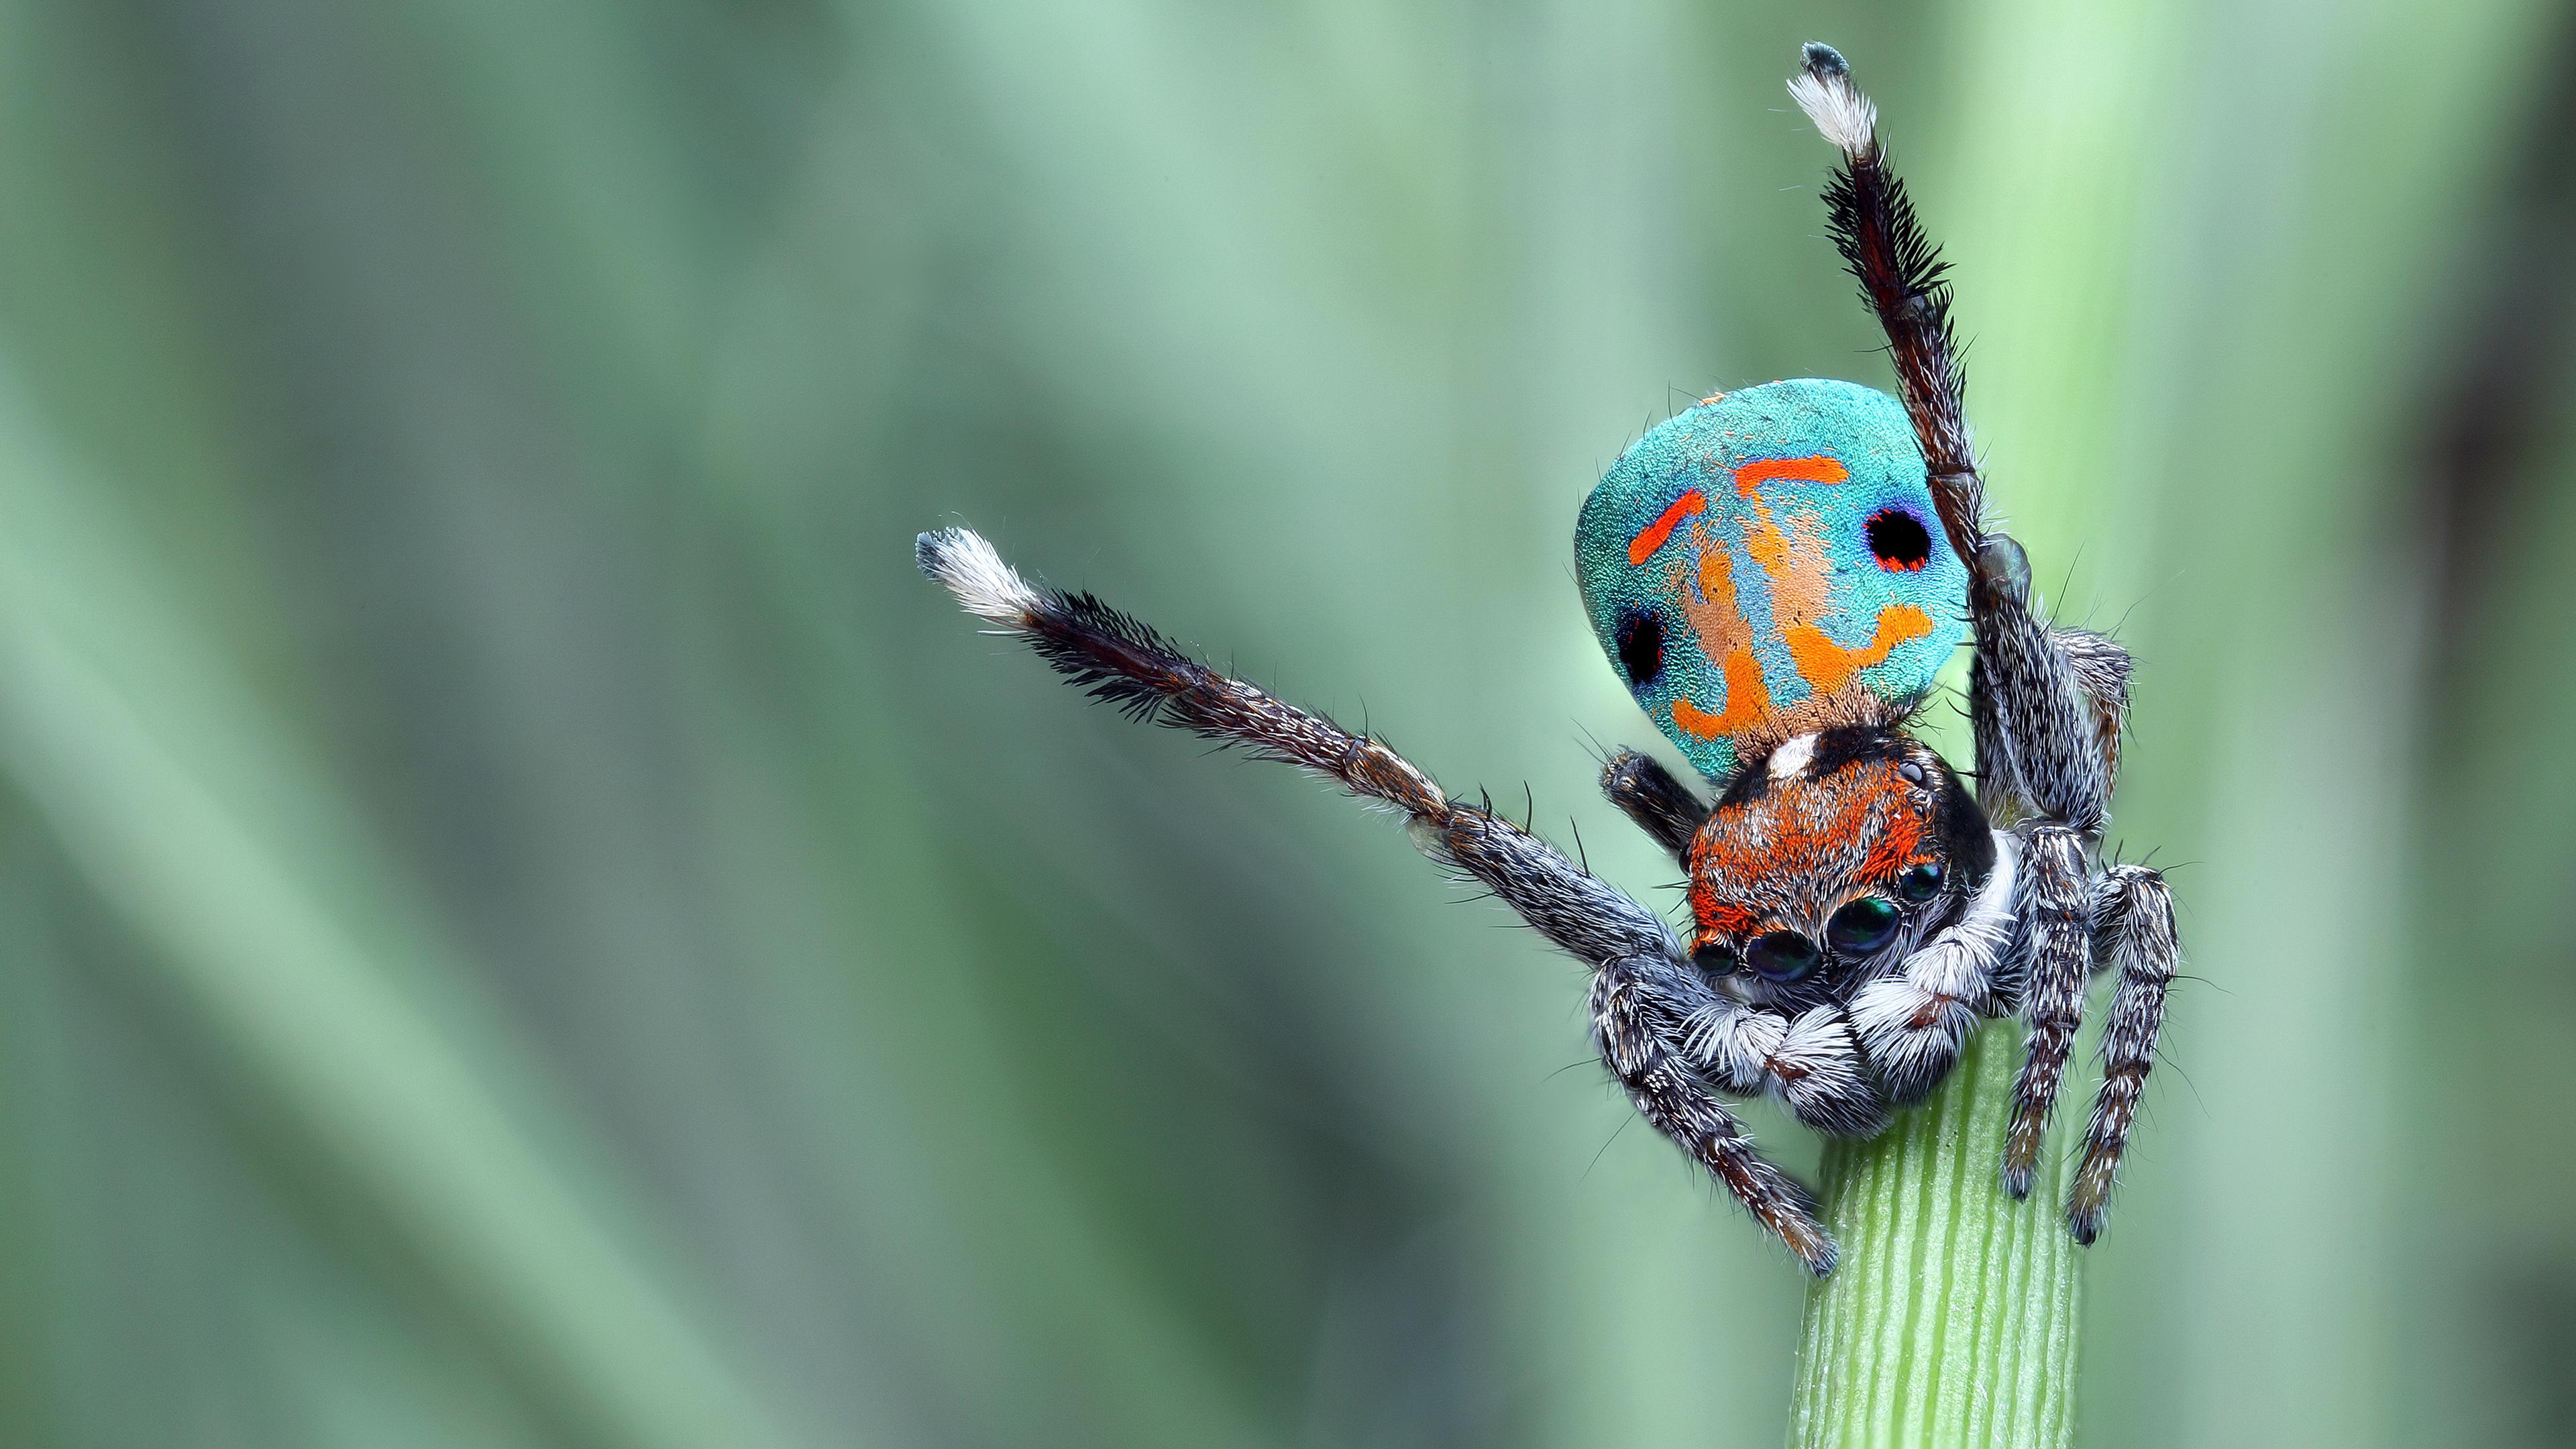 Обои для рабочего стола - Лихие пауки - скакуны [3840x2160] [50шт.] (2017/JPG)